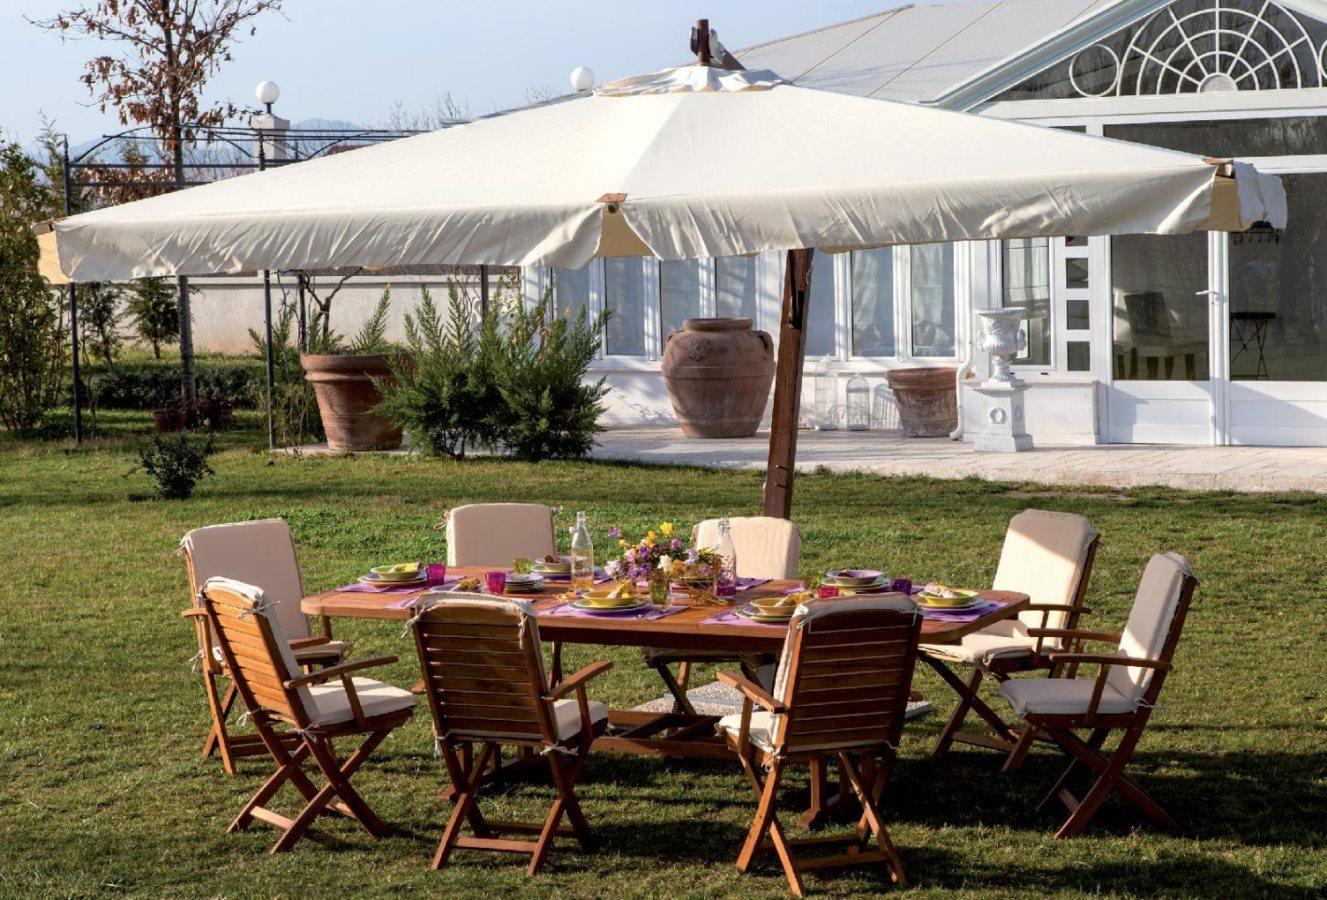 Ombrelloni da giardino prezzi e offerte online prezzoforte - Ombrelloni da giardino brico ...